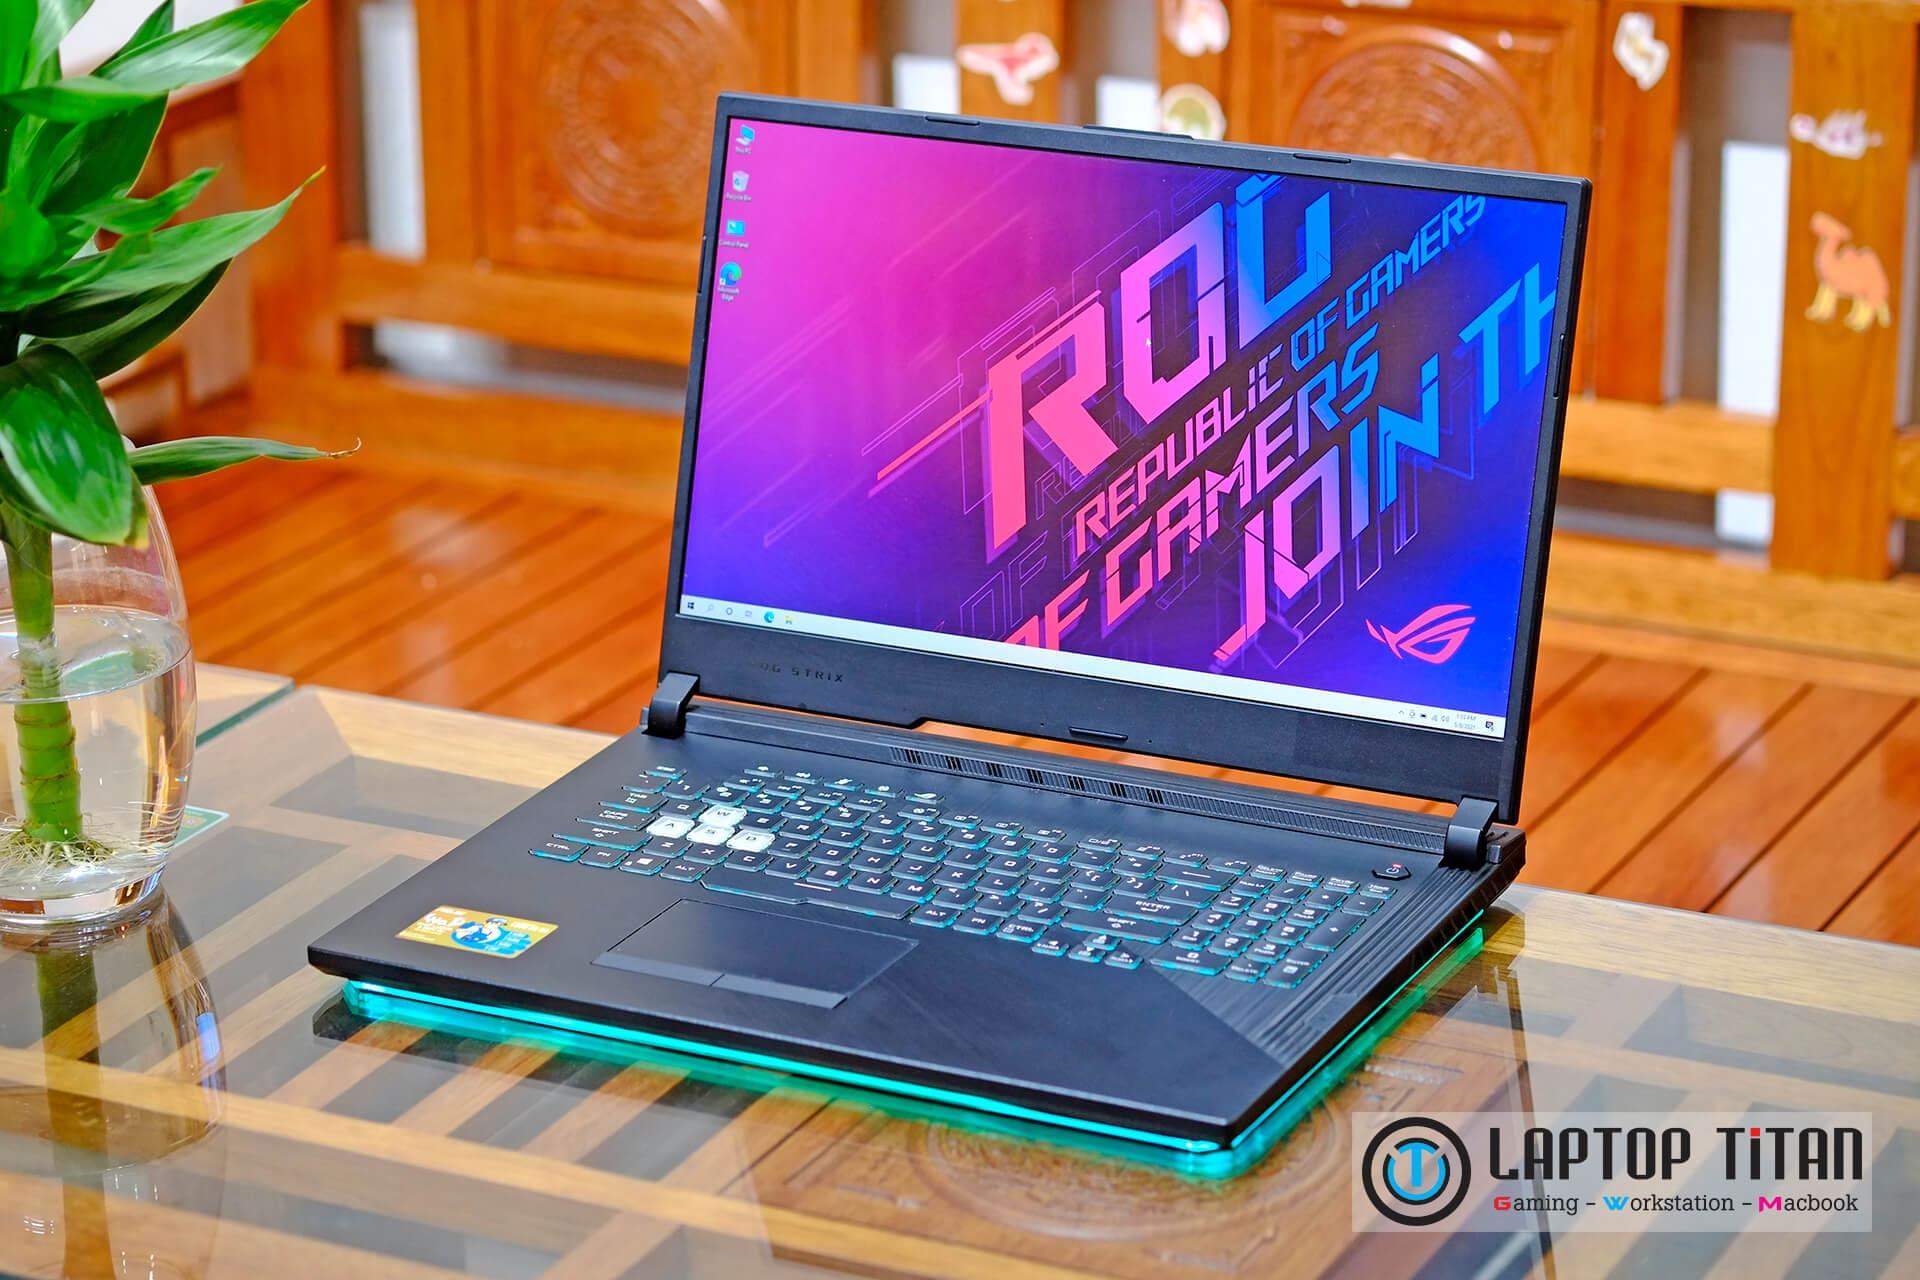 Asus Rog Strix G731 Laptoptitan 01